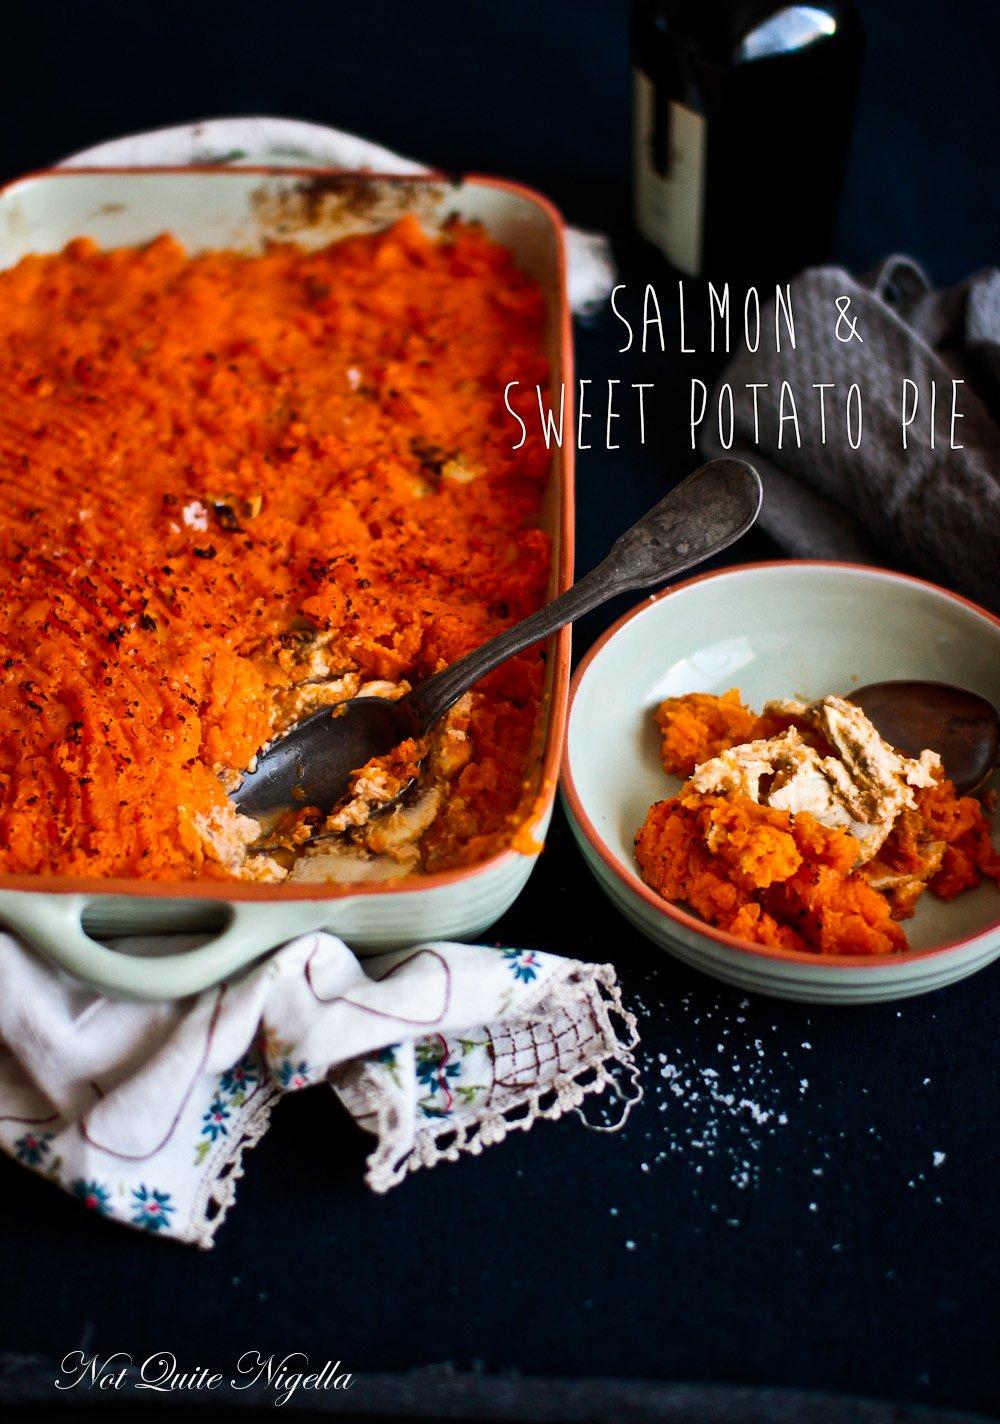 Salmon Sweet Potato Pie